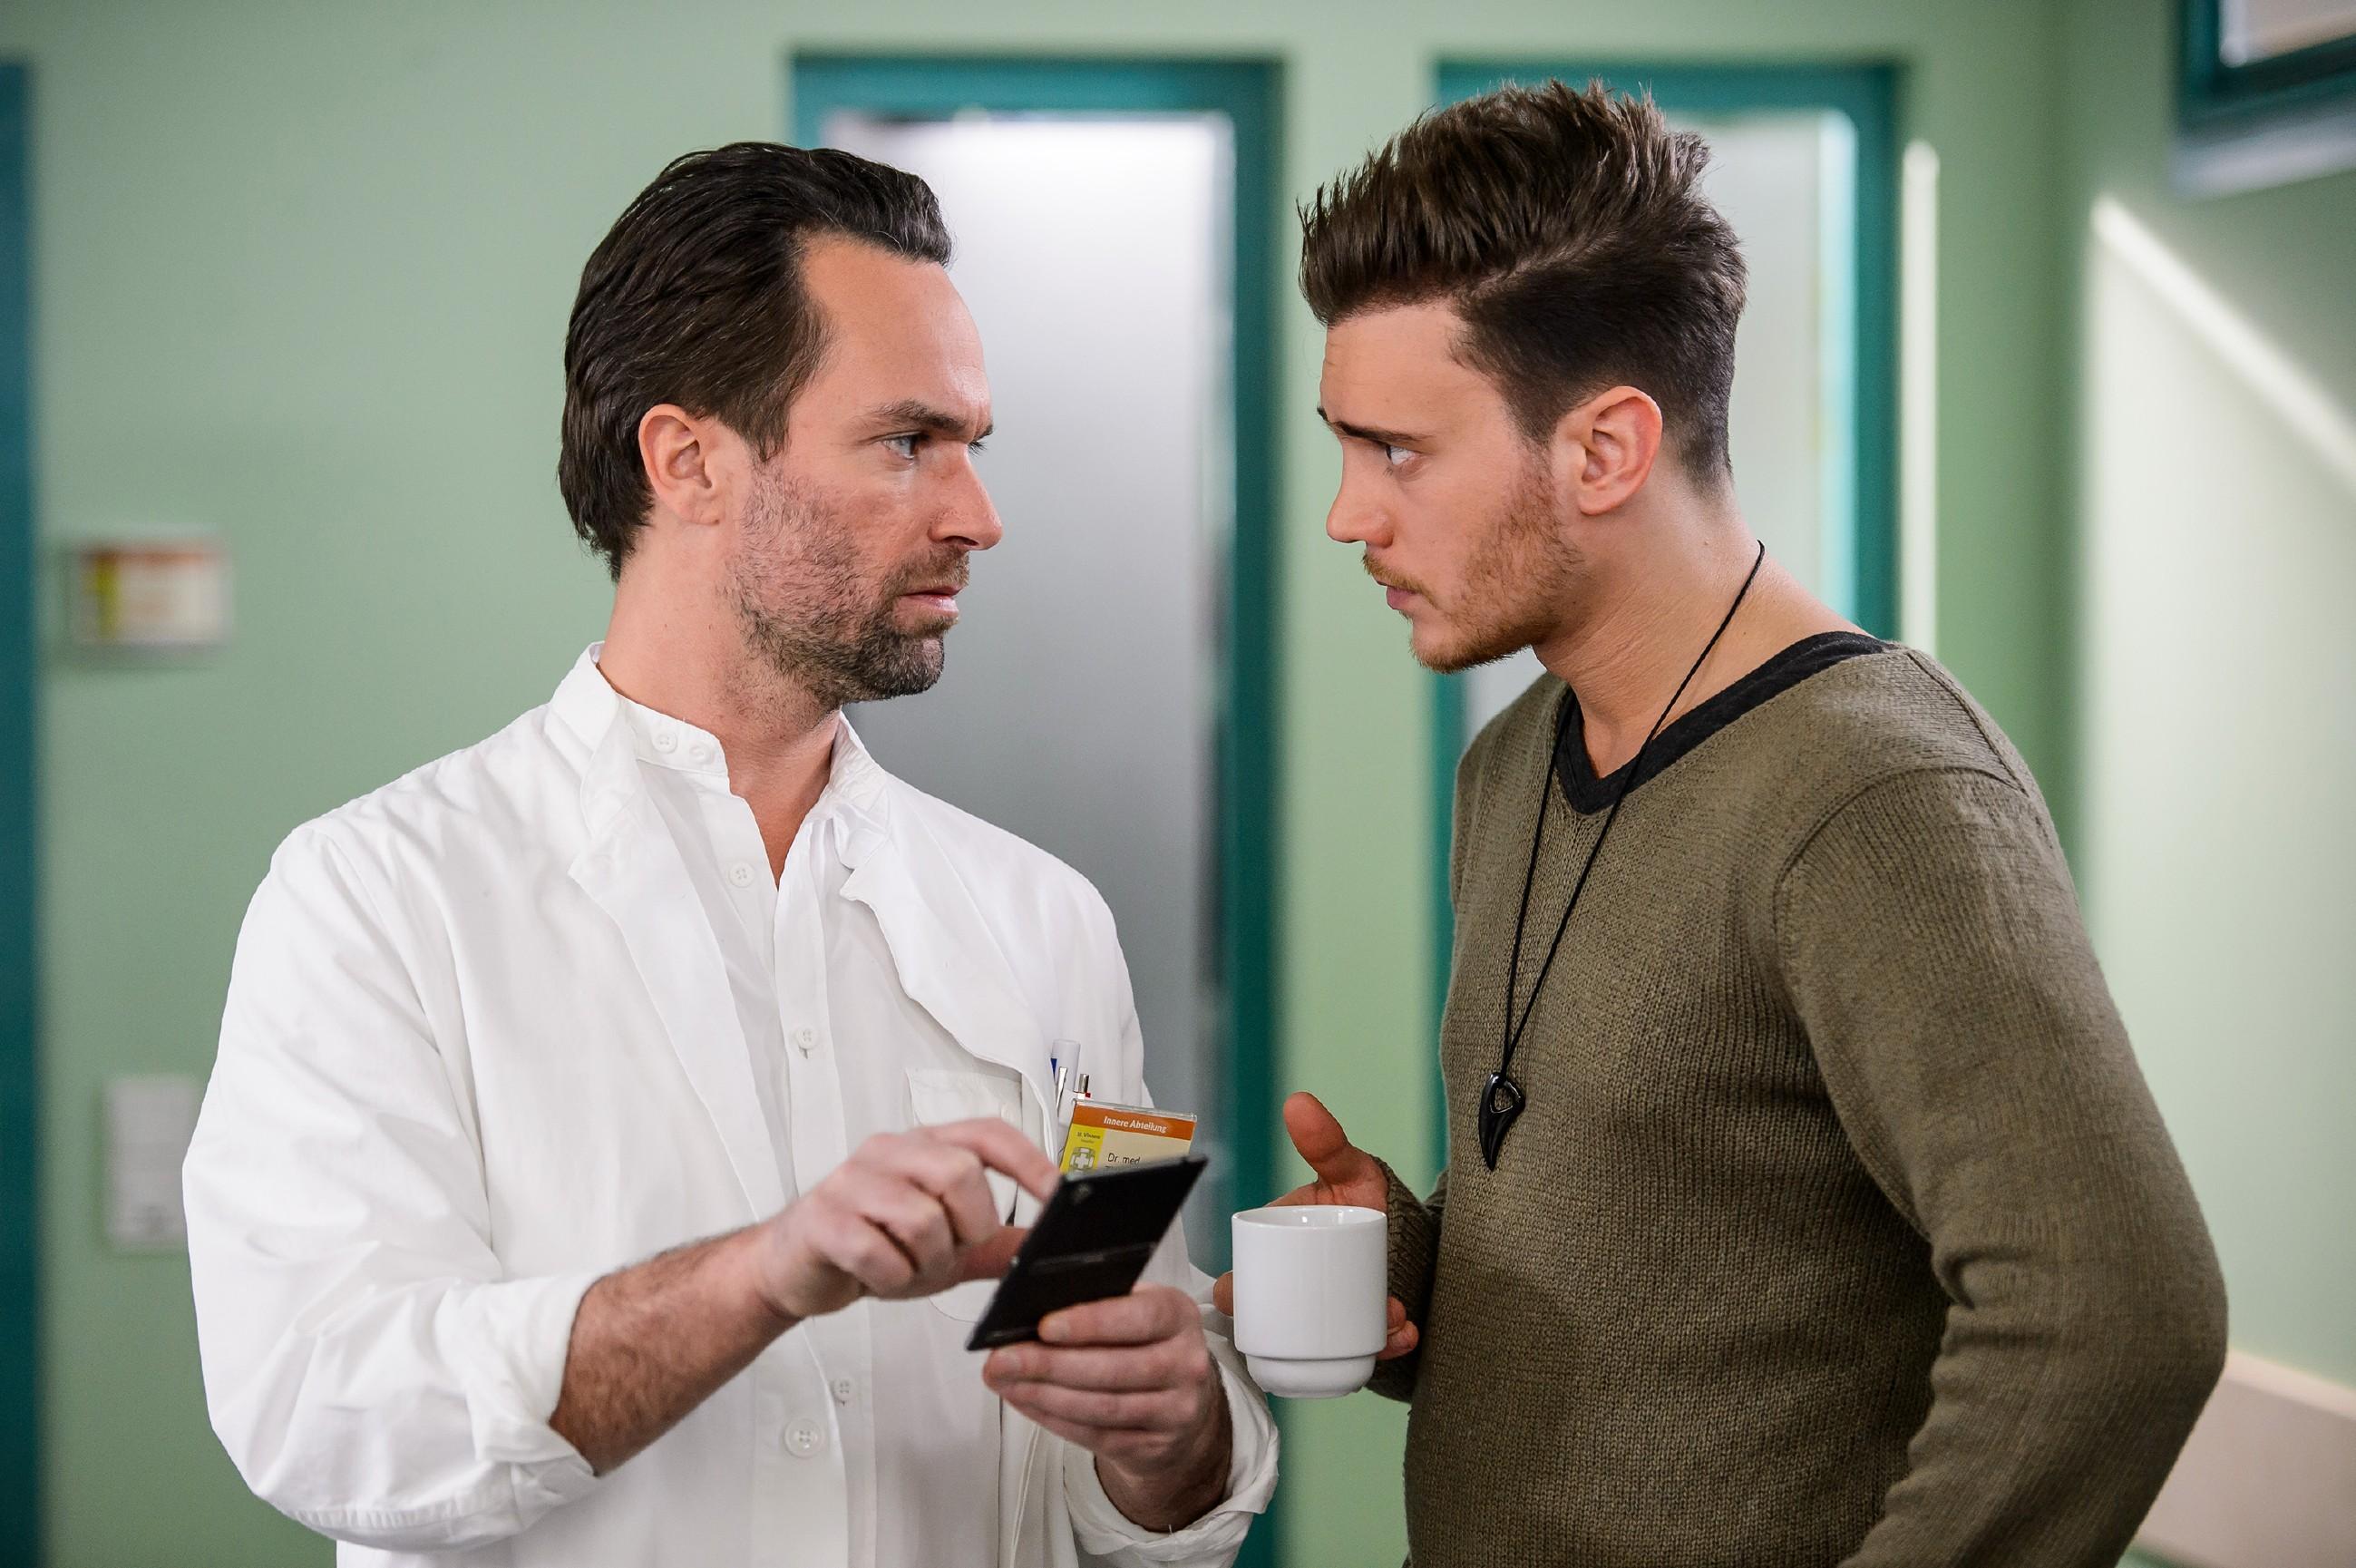 Thomas (Daniel Brockhaus, l.) schöpft neue Hoffnung, als jemand Leo in Essen gesehen haben will: Ronny (Bela Klentze) zeigt ihm ein Foto, das ihm ein Freund zugeschickt hat, auf dem Leo zu erkennen ist... (Quelle: RTL / Willi Weber)